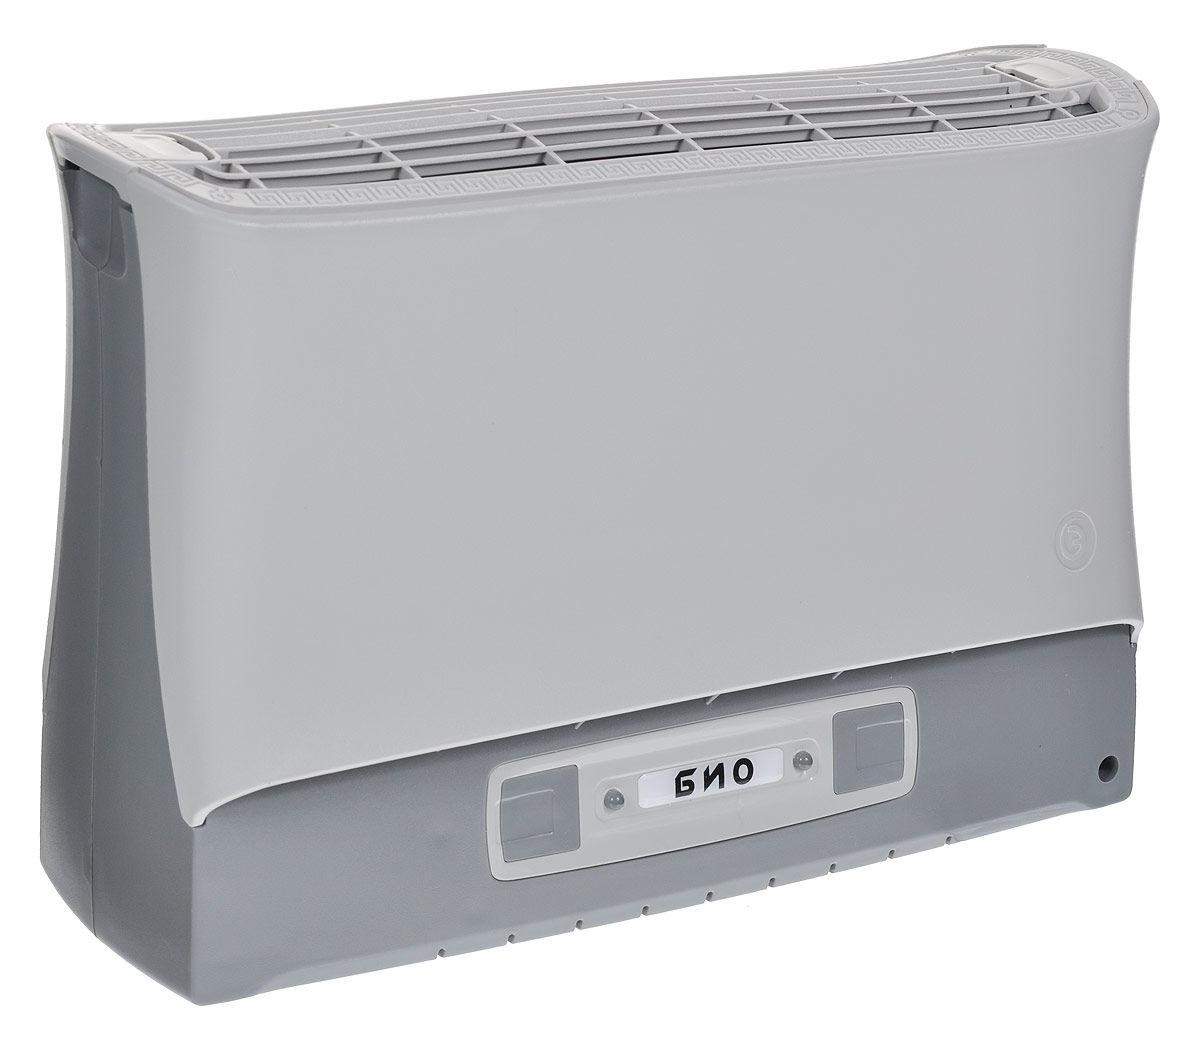 Очиститель-ионизатор воздуха Супер-плюс-Био серый очиститель воздуха какой лучше